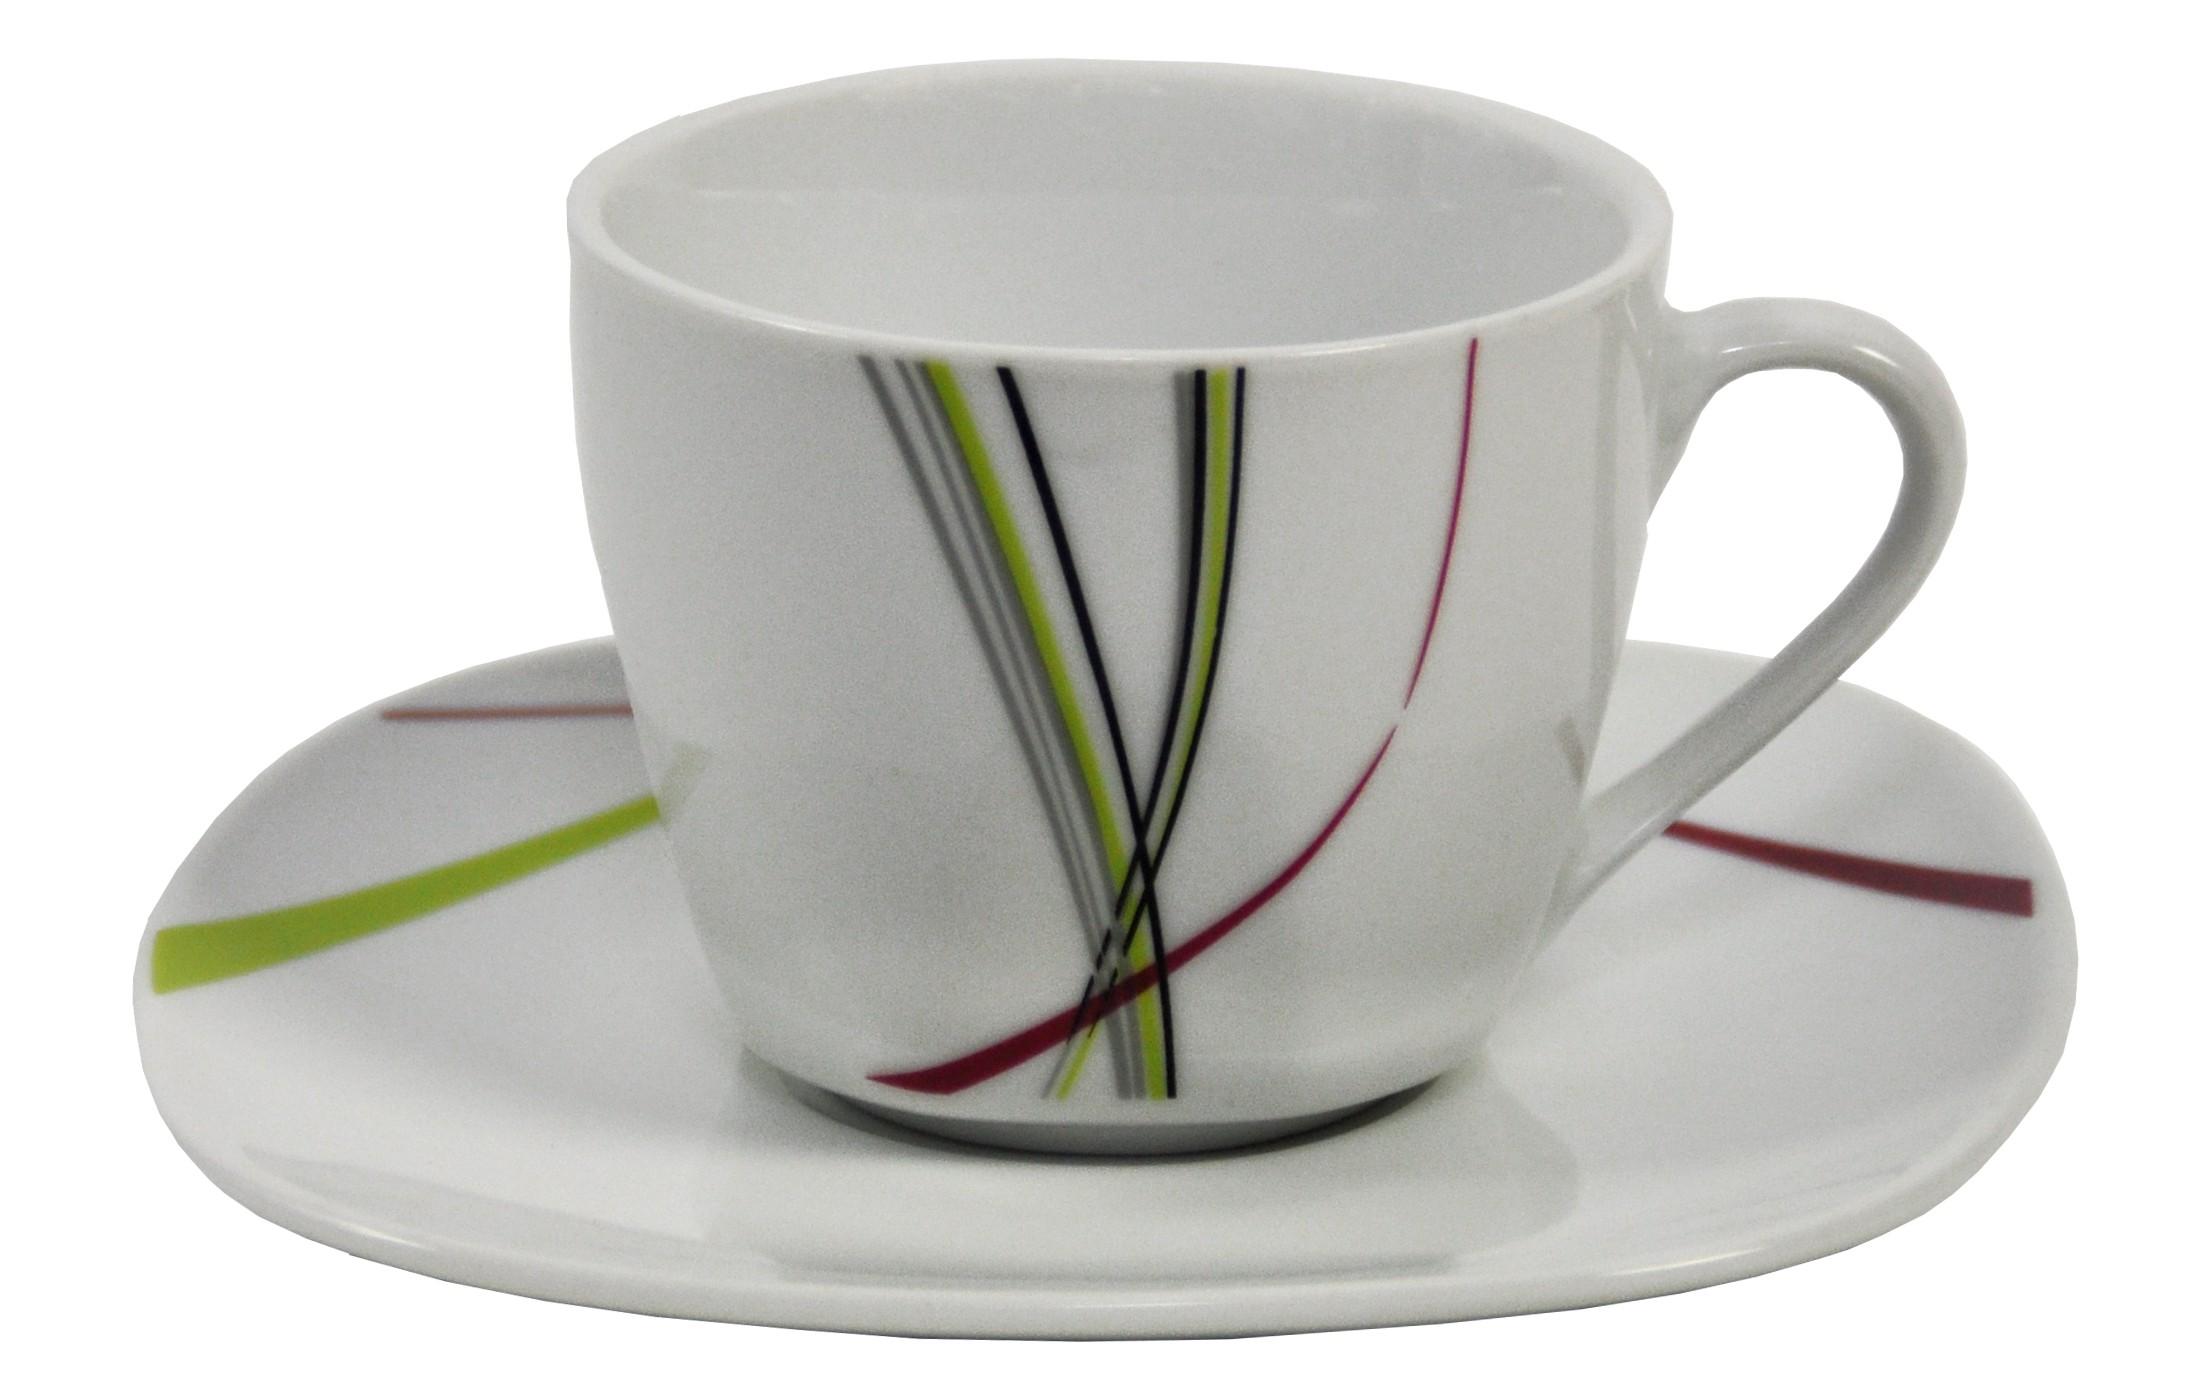 kaffeetasse 20cl mit untertasse 14 5cm fashion porzellan tassen und becher. Black Bedroom Furniture Sets. Home Design Ideas